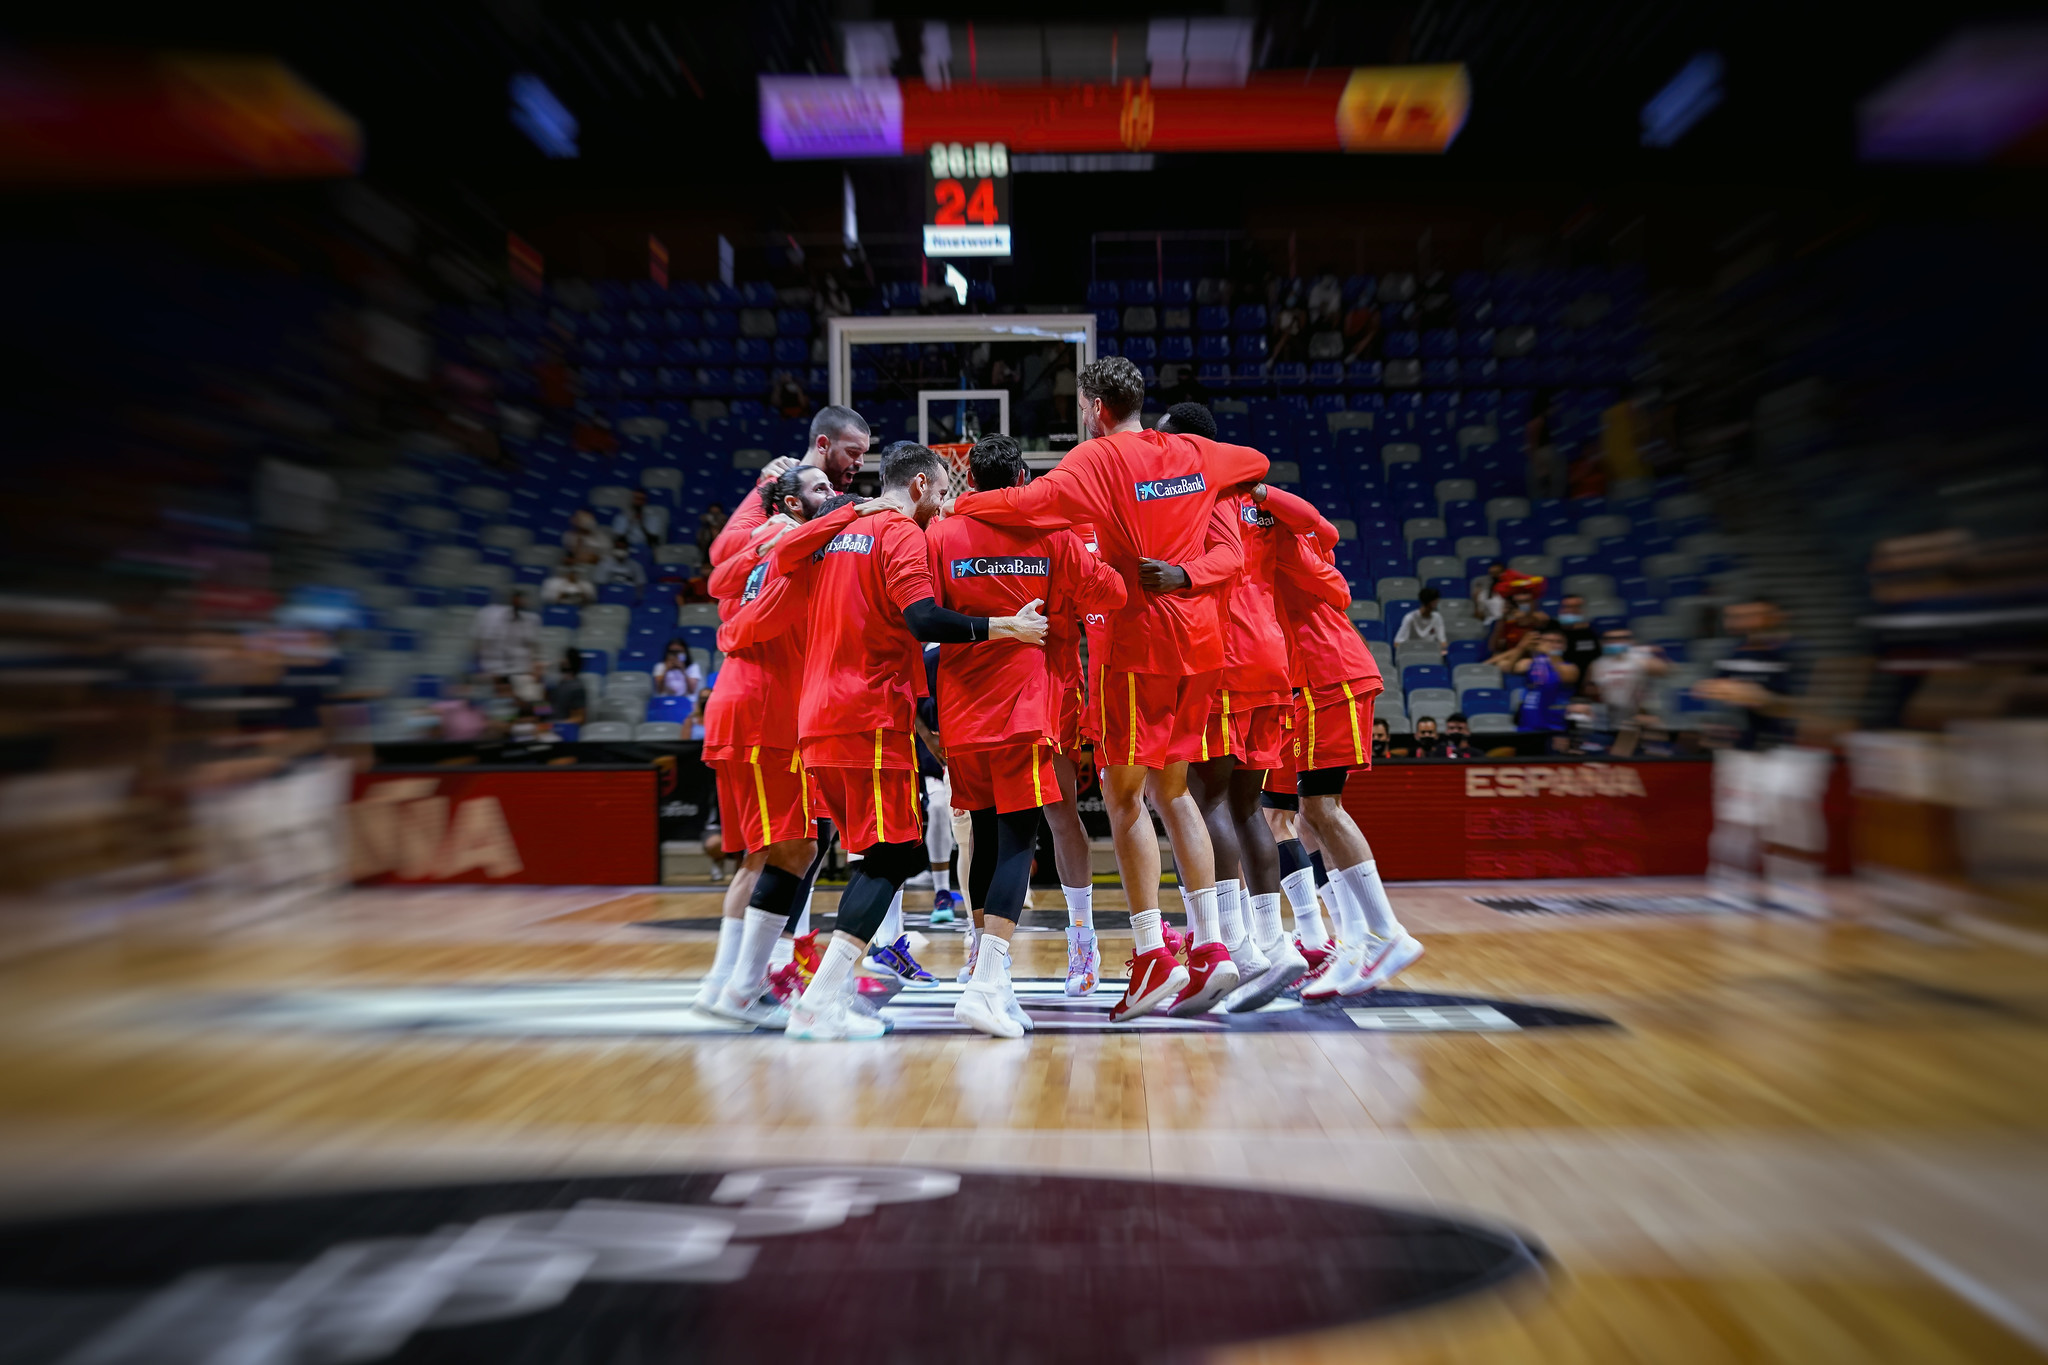 La selección masculina de baloncesto, en un partido reciente.